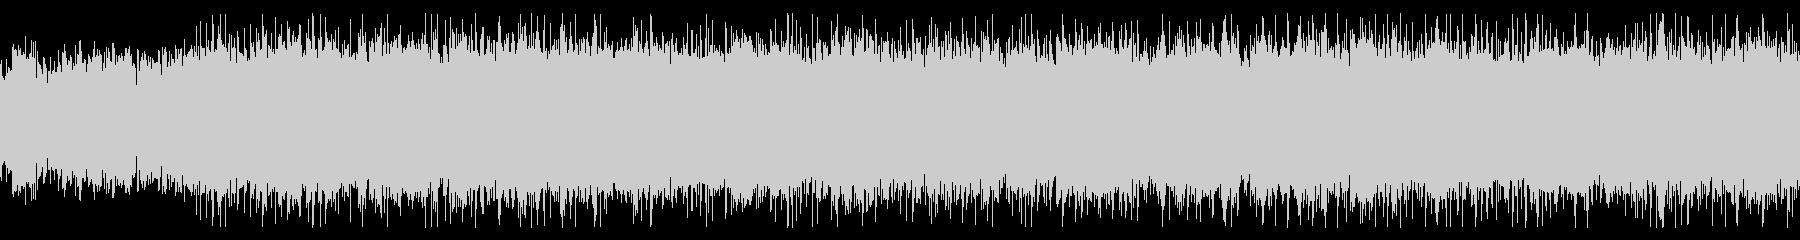 明るいケルト風音楽の未再生の波形